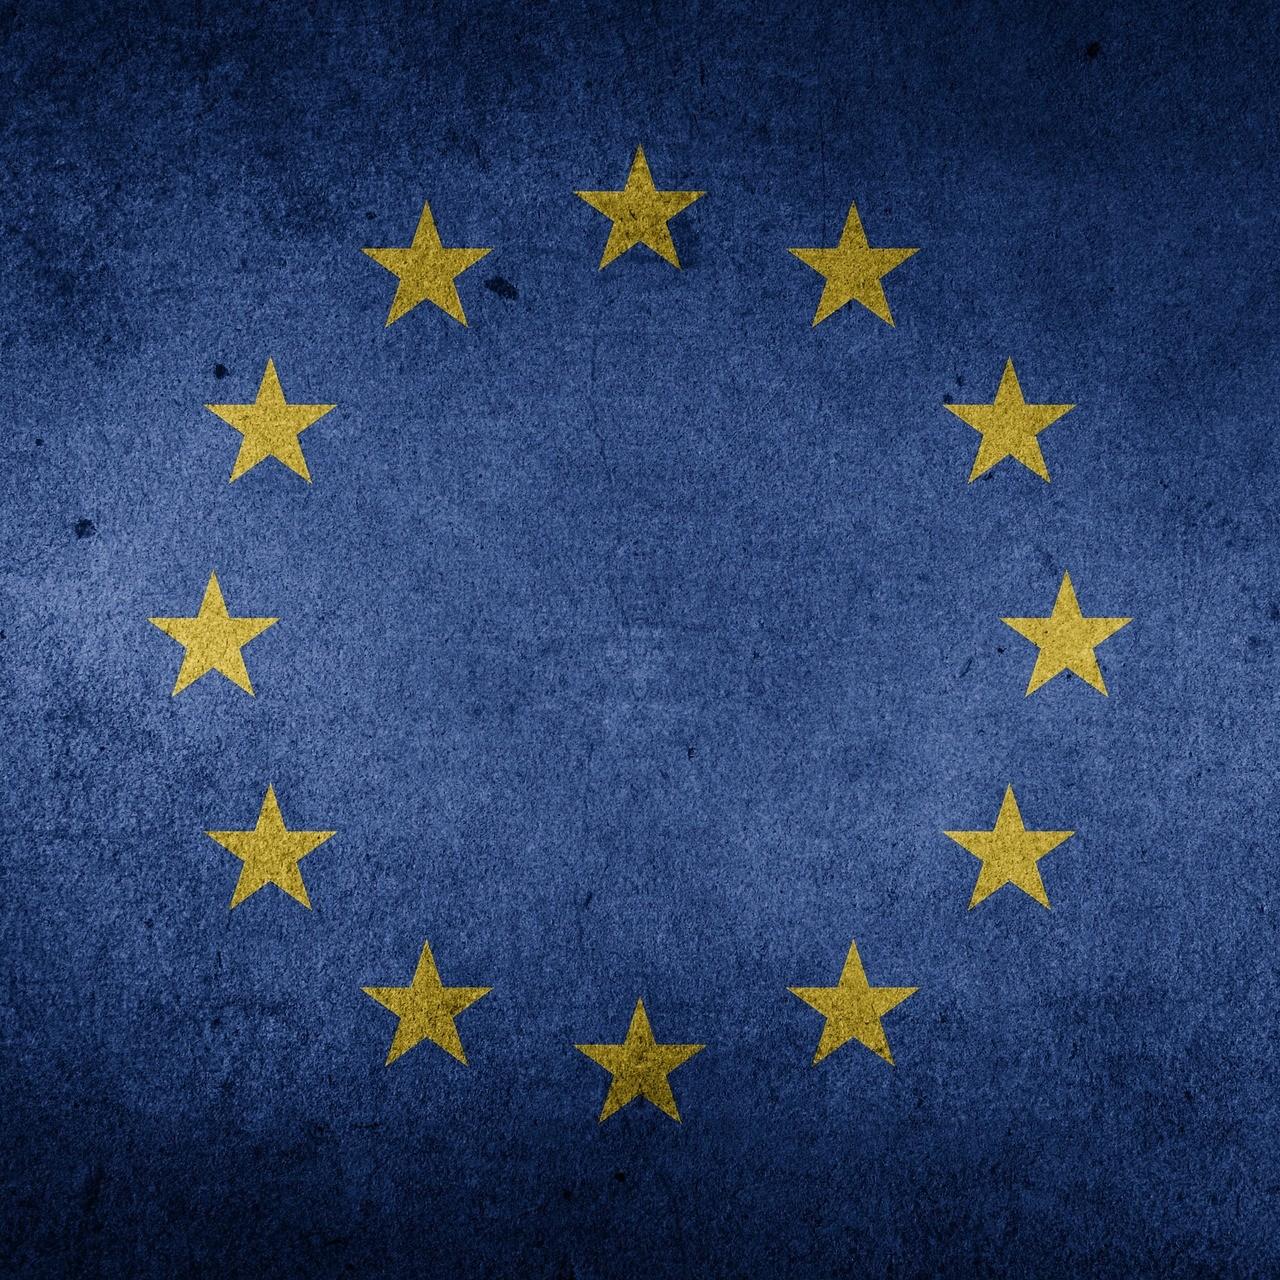 L'inizio di una nuova stagione per l'Unione Europea?